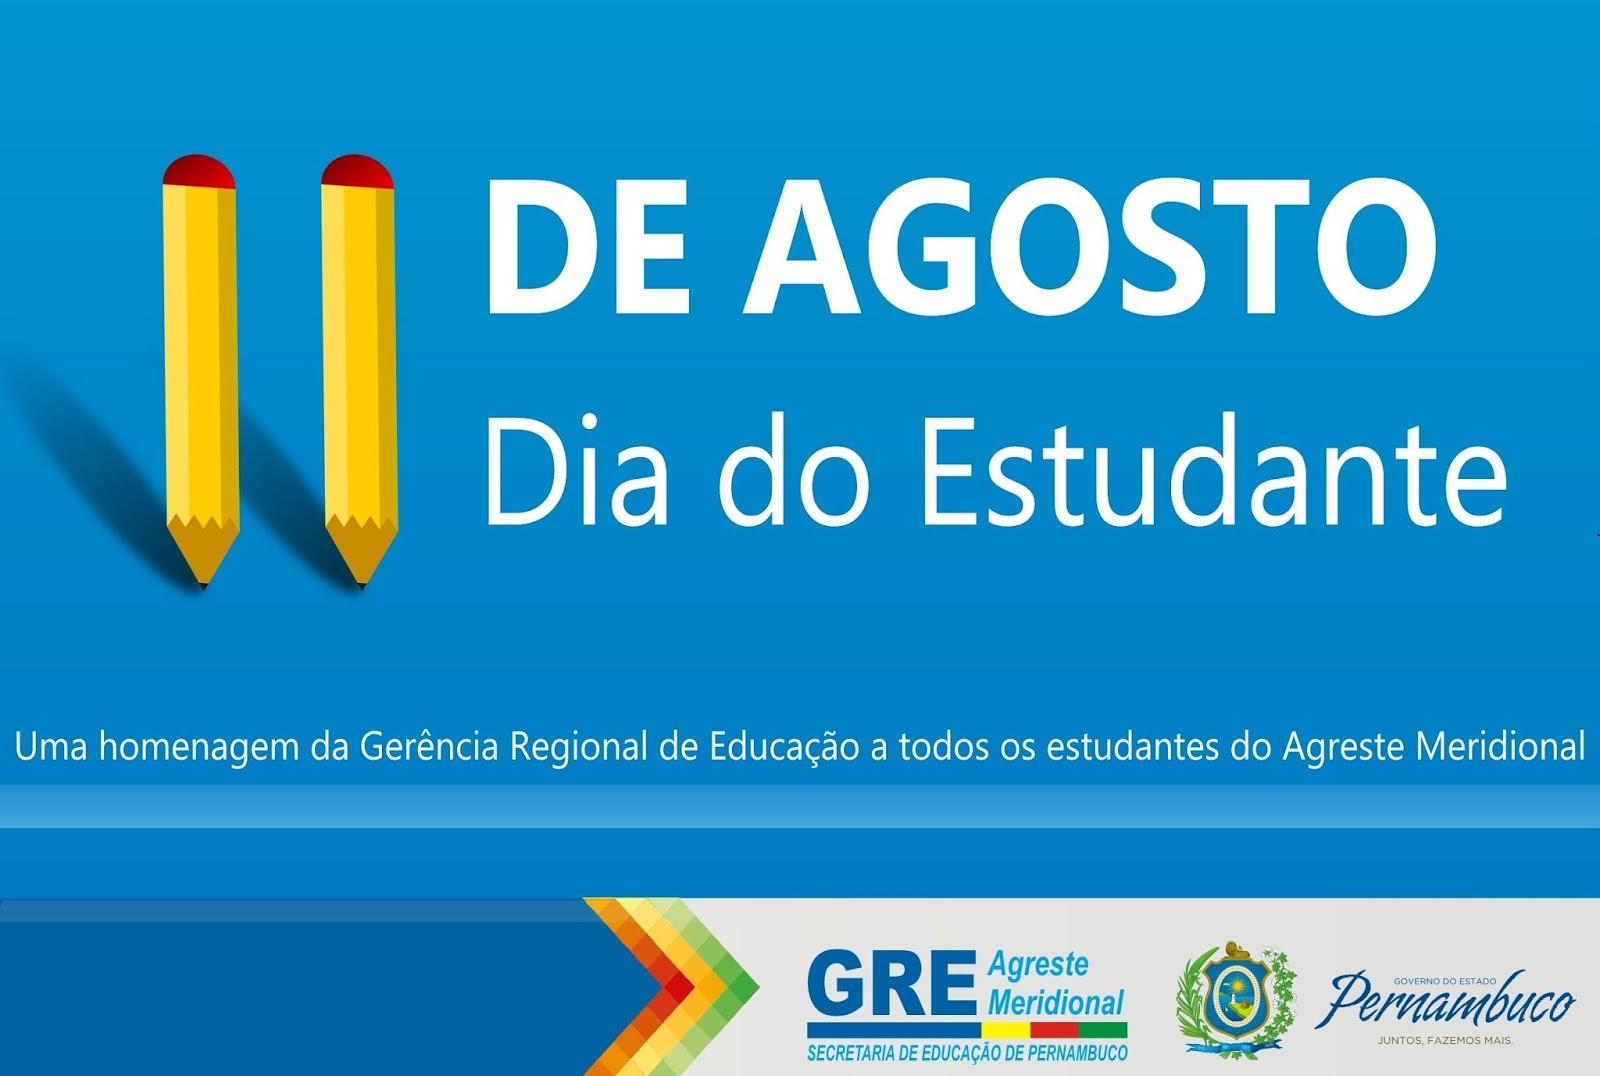 Colégio 11 De Agosto Dia Do Estudante: GRE-Garanhuns: 11 De Agosto, Dia Do Estudante